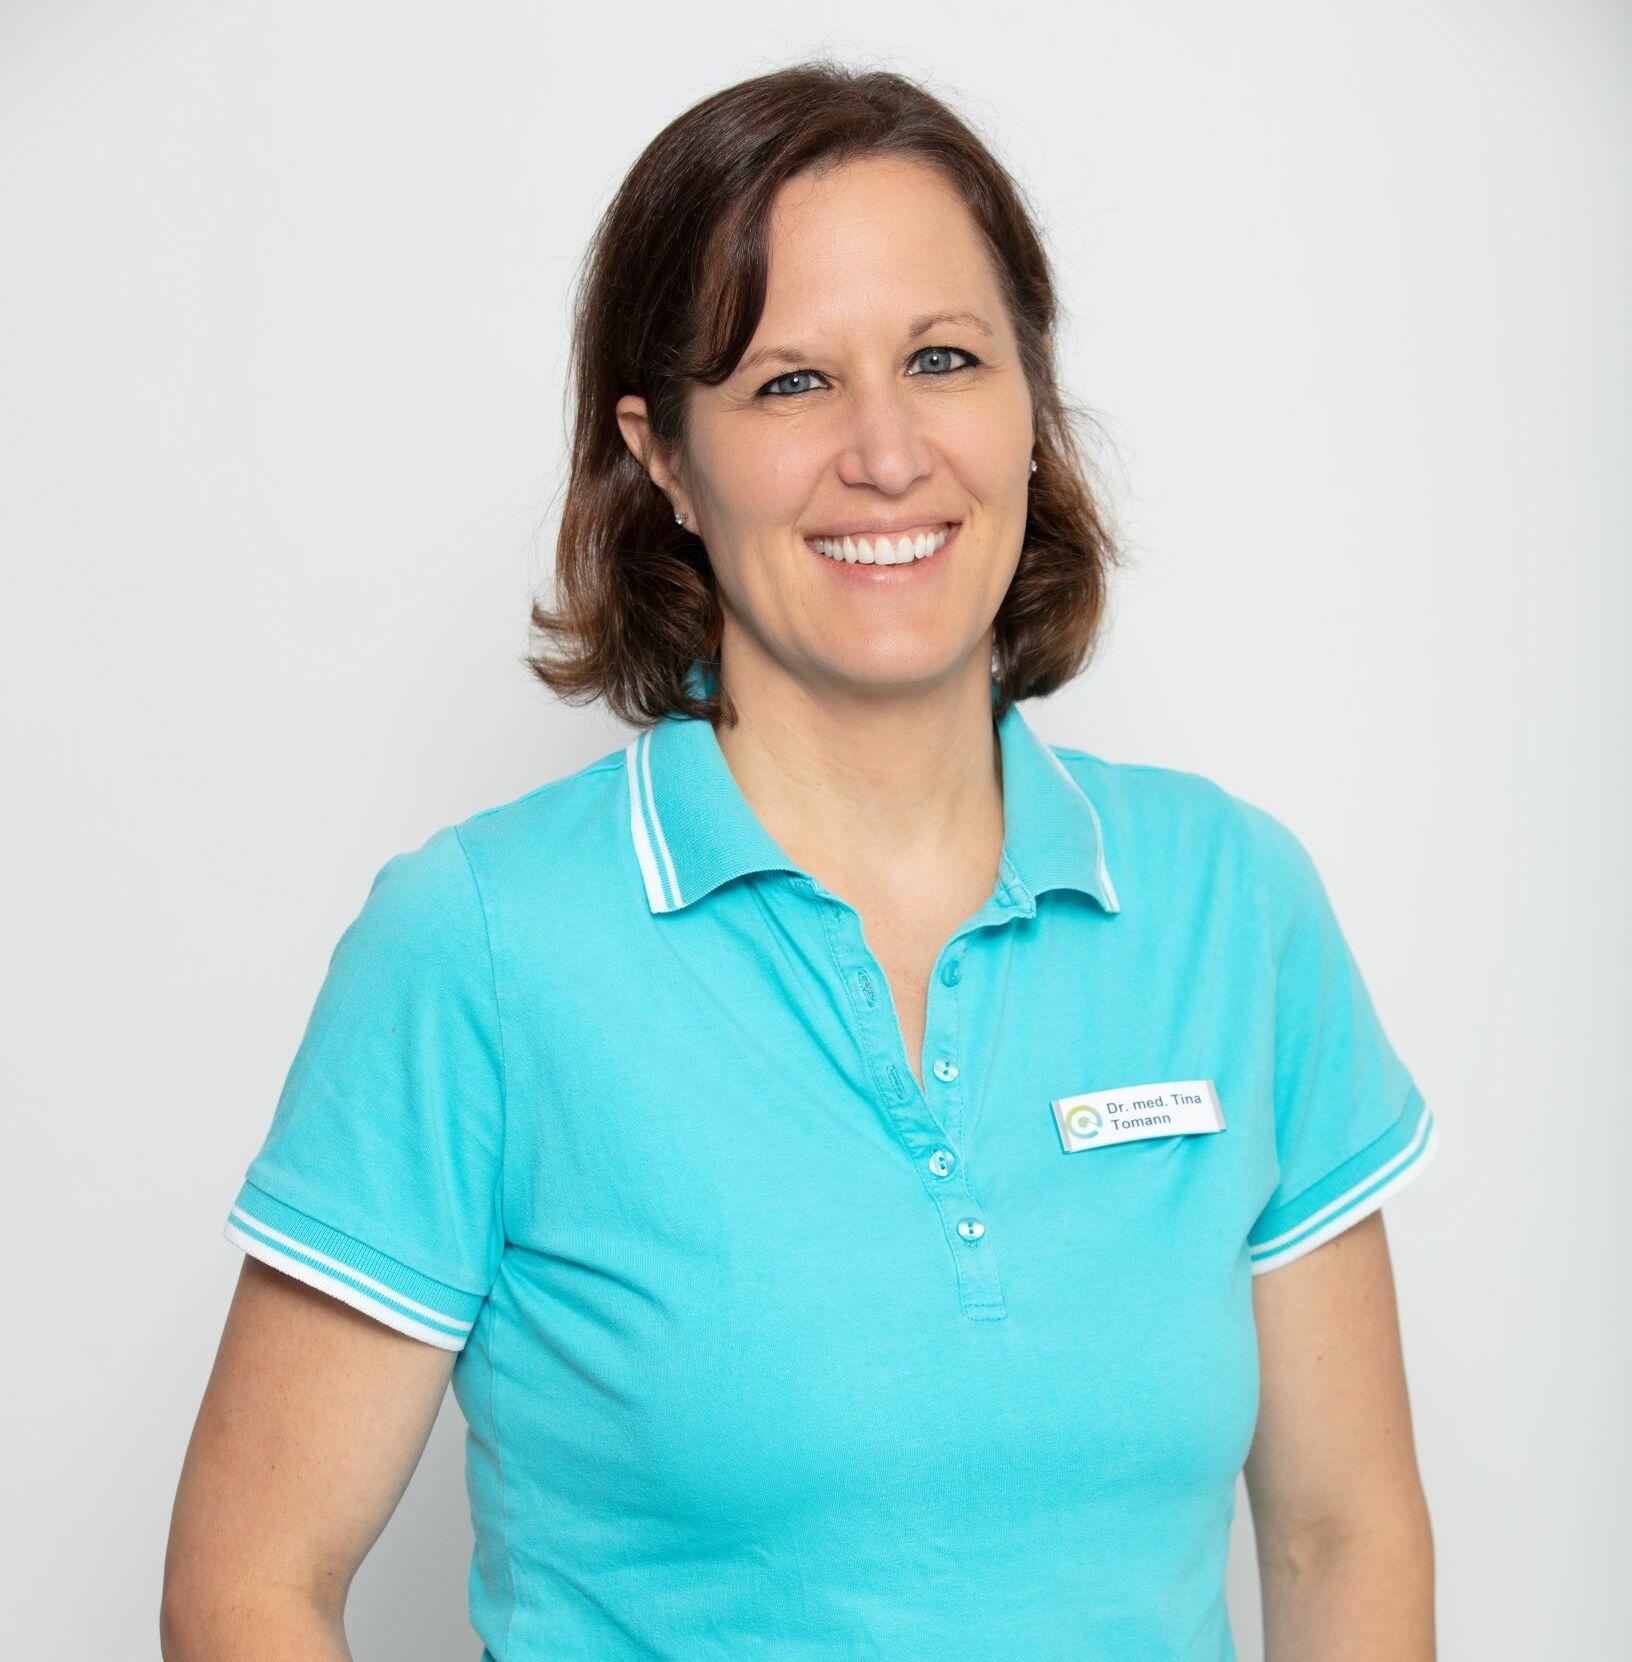 Dr. med. Tina Tomann